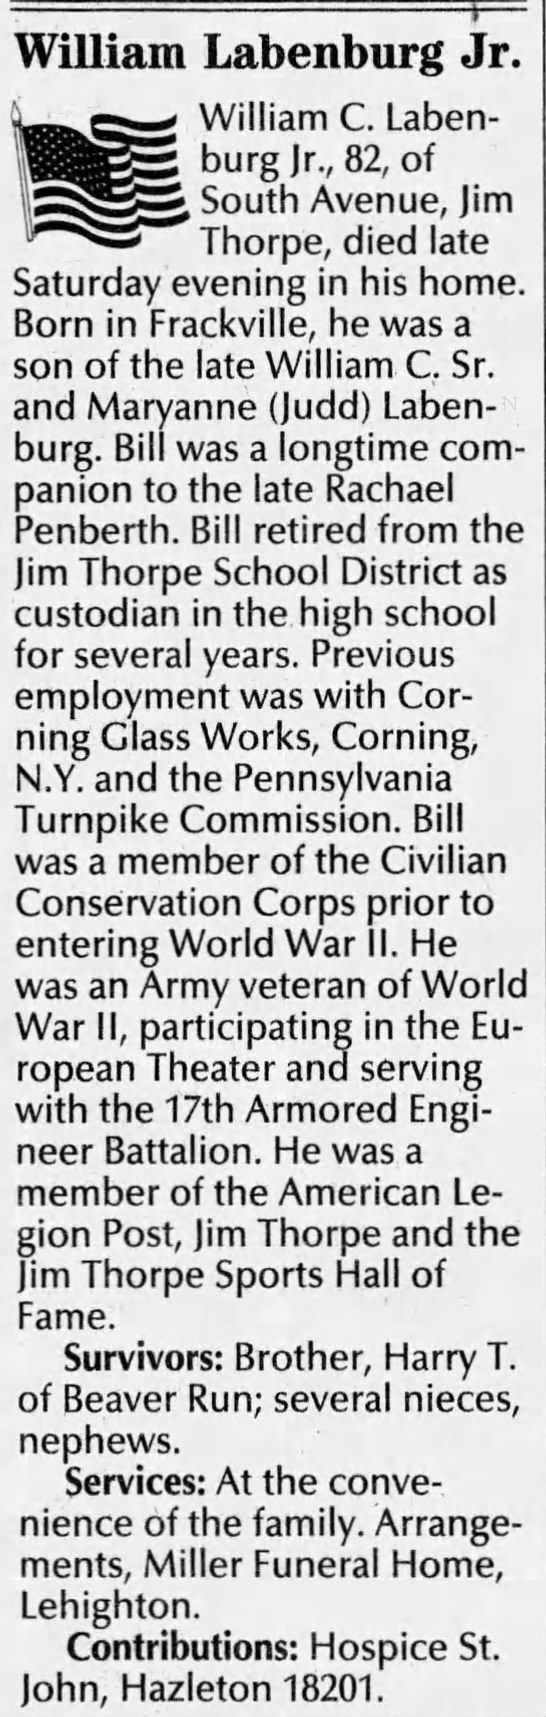 William C Labenburg The Morning Call (Allentown, Lehigh, Pennsylvania, United States of America) · 11 Oct 2004